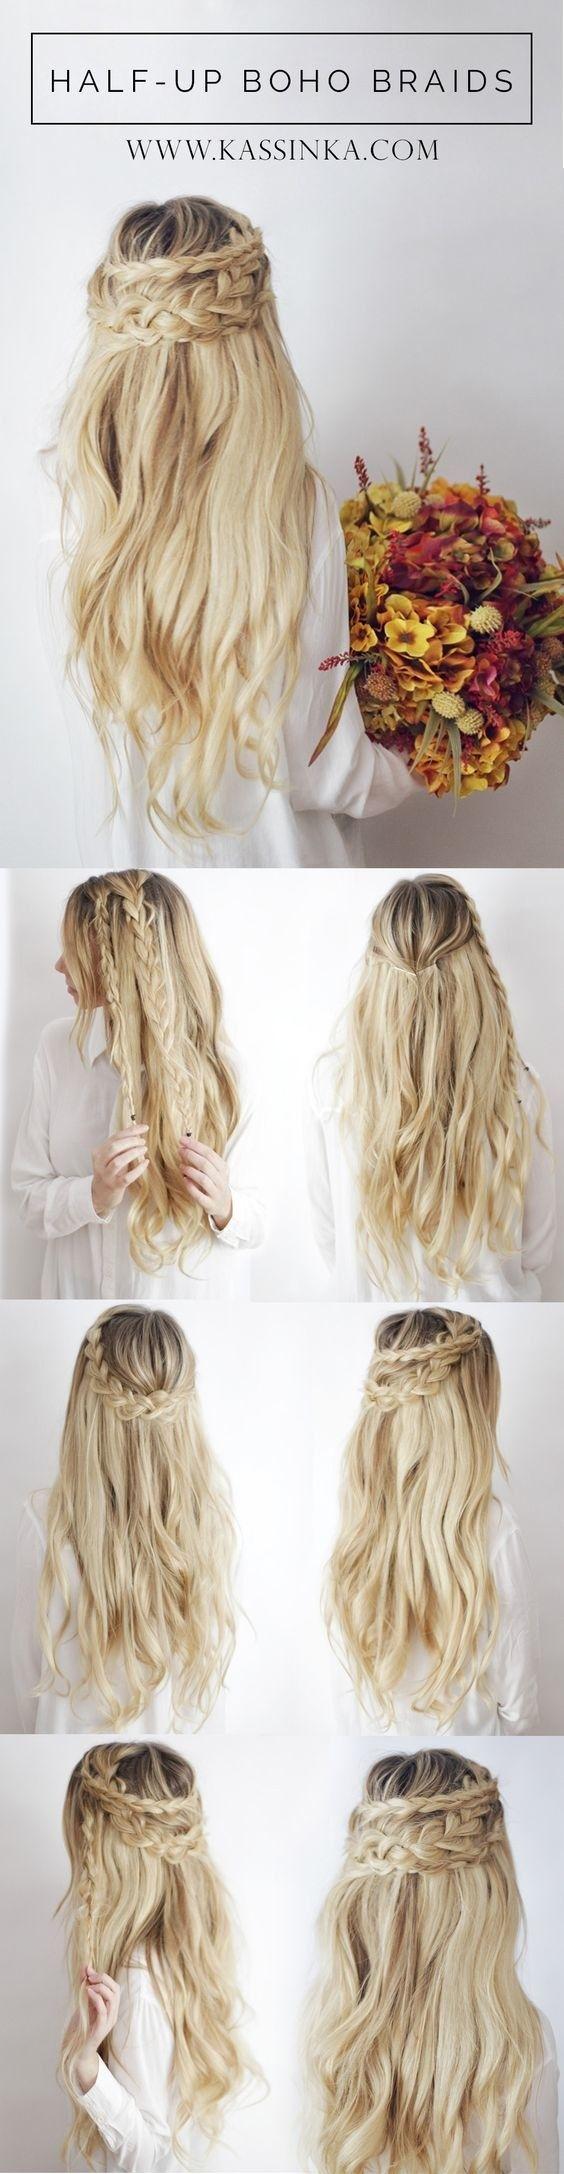 17 Sensacionales peinados con trenzas que son fáciles de hacer